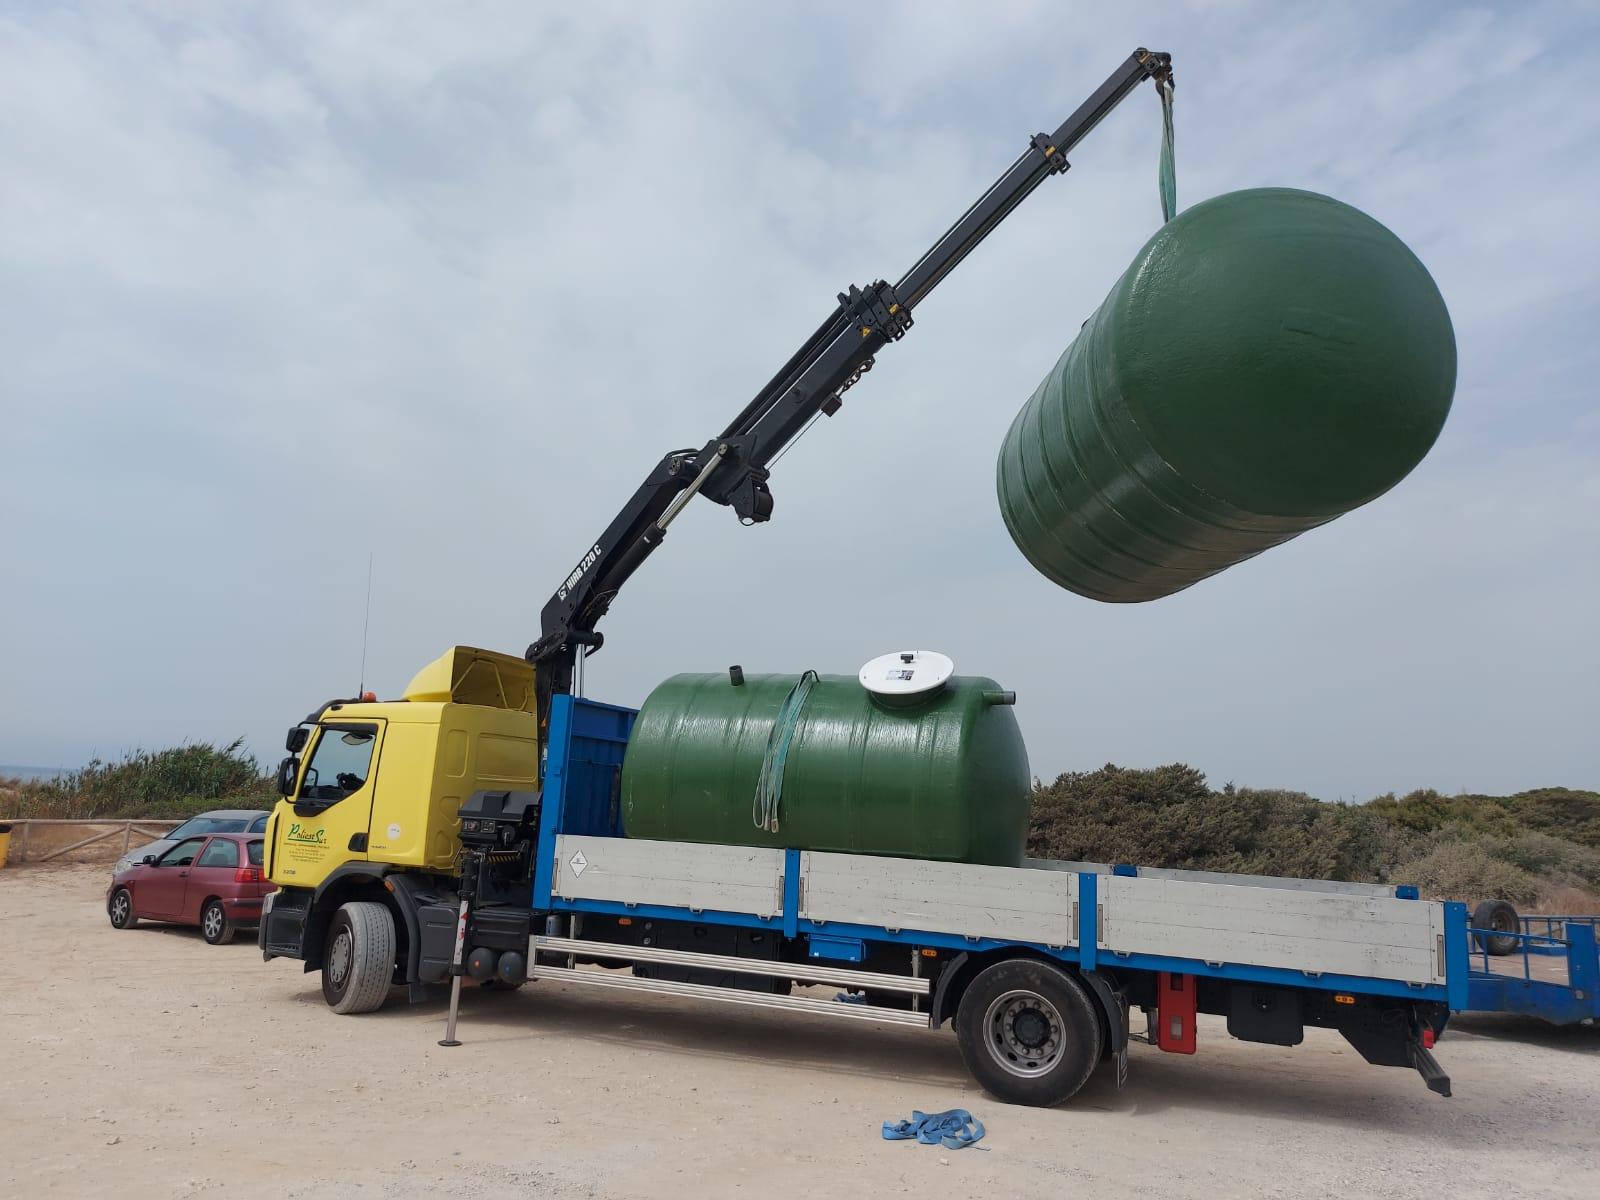 depósitos de poliéster para almacenar aguas